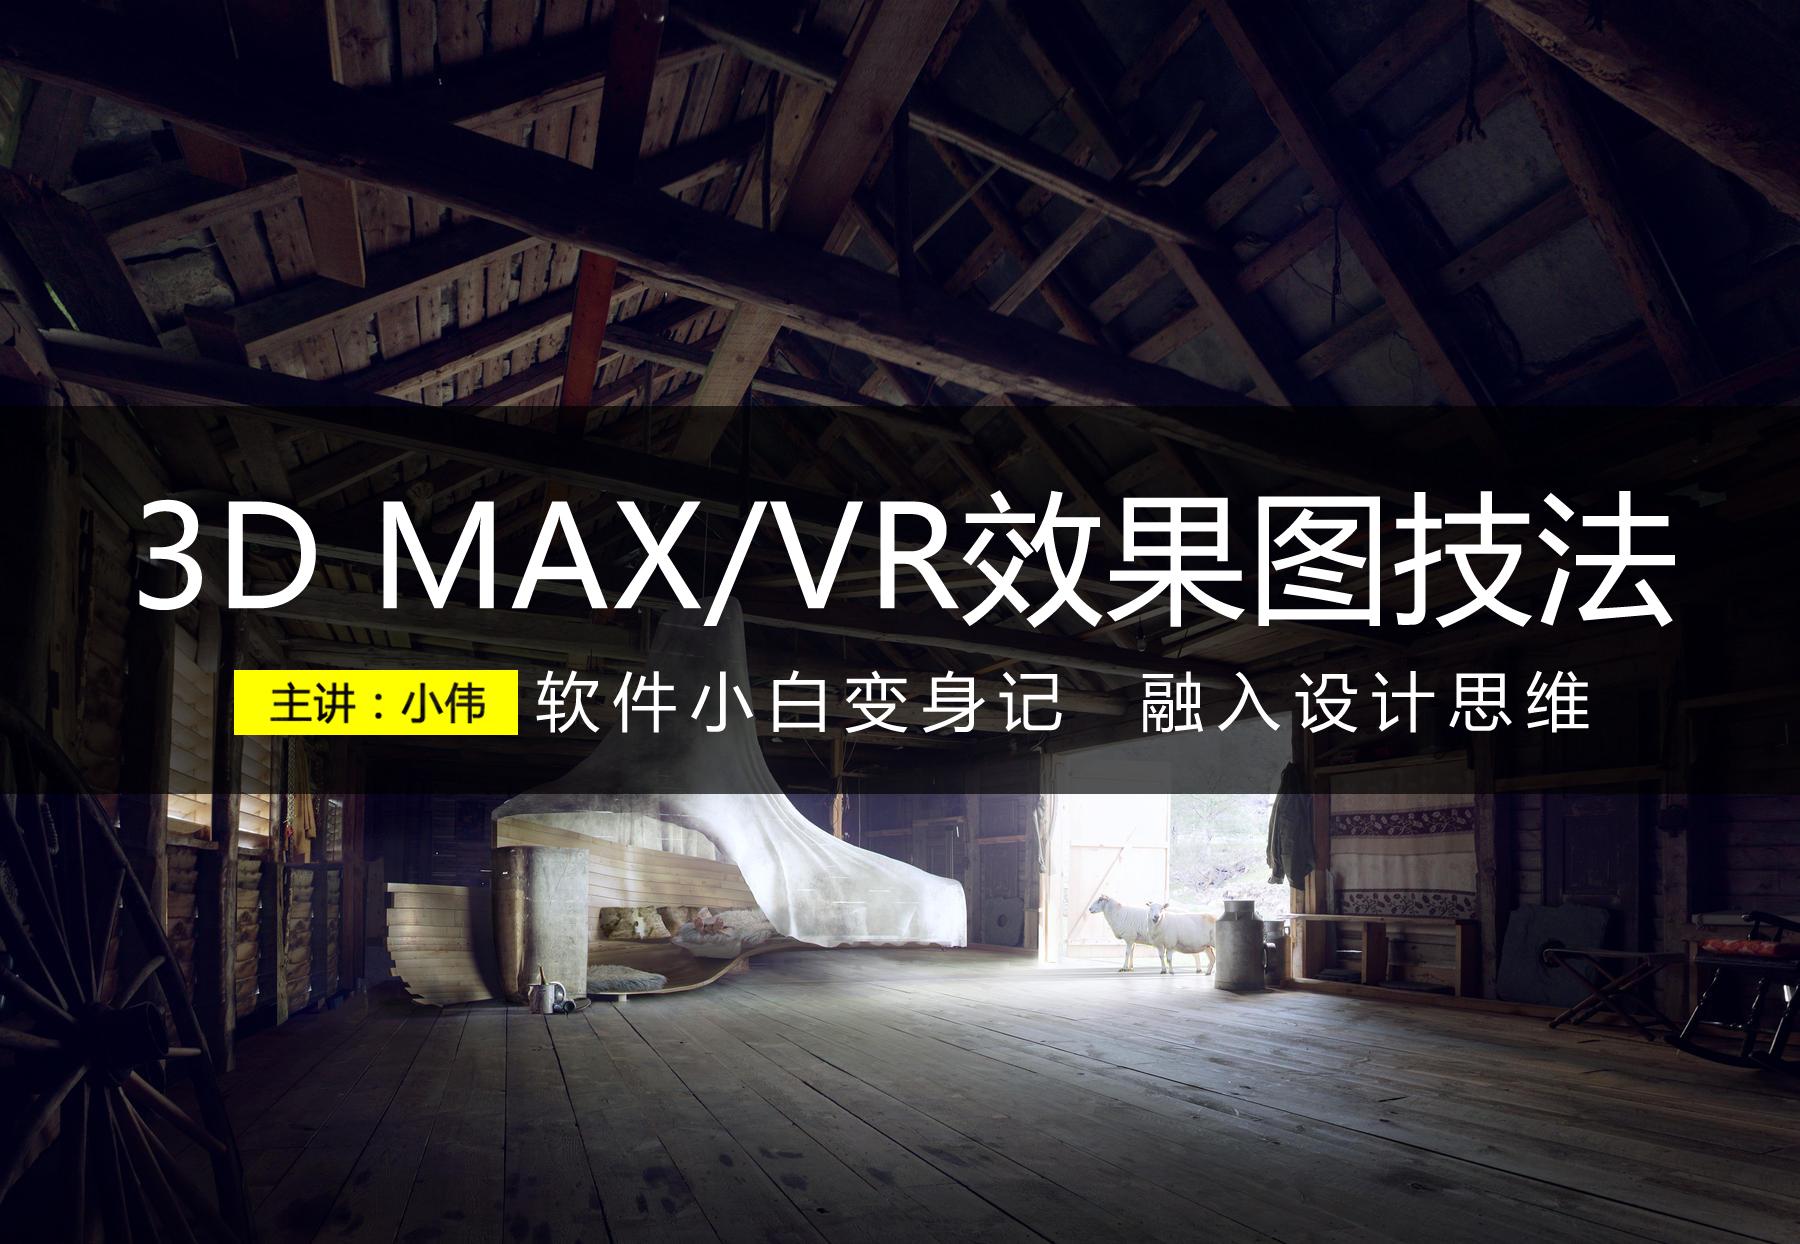 室内设计-效果图表现技法3DMAX/Vray/PS